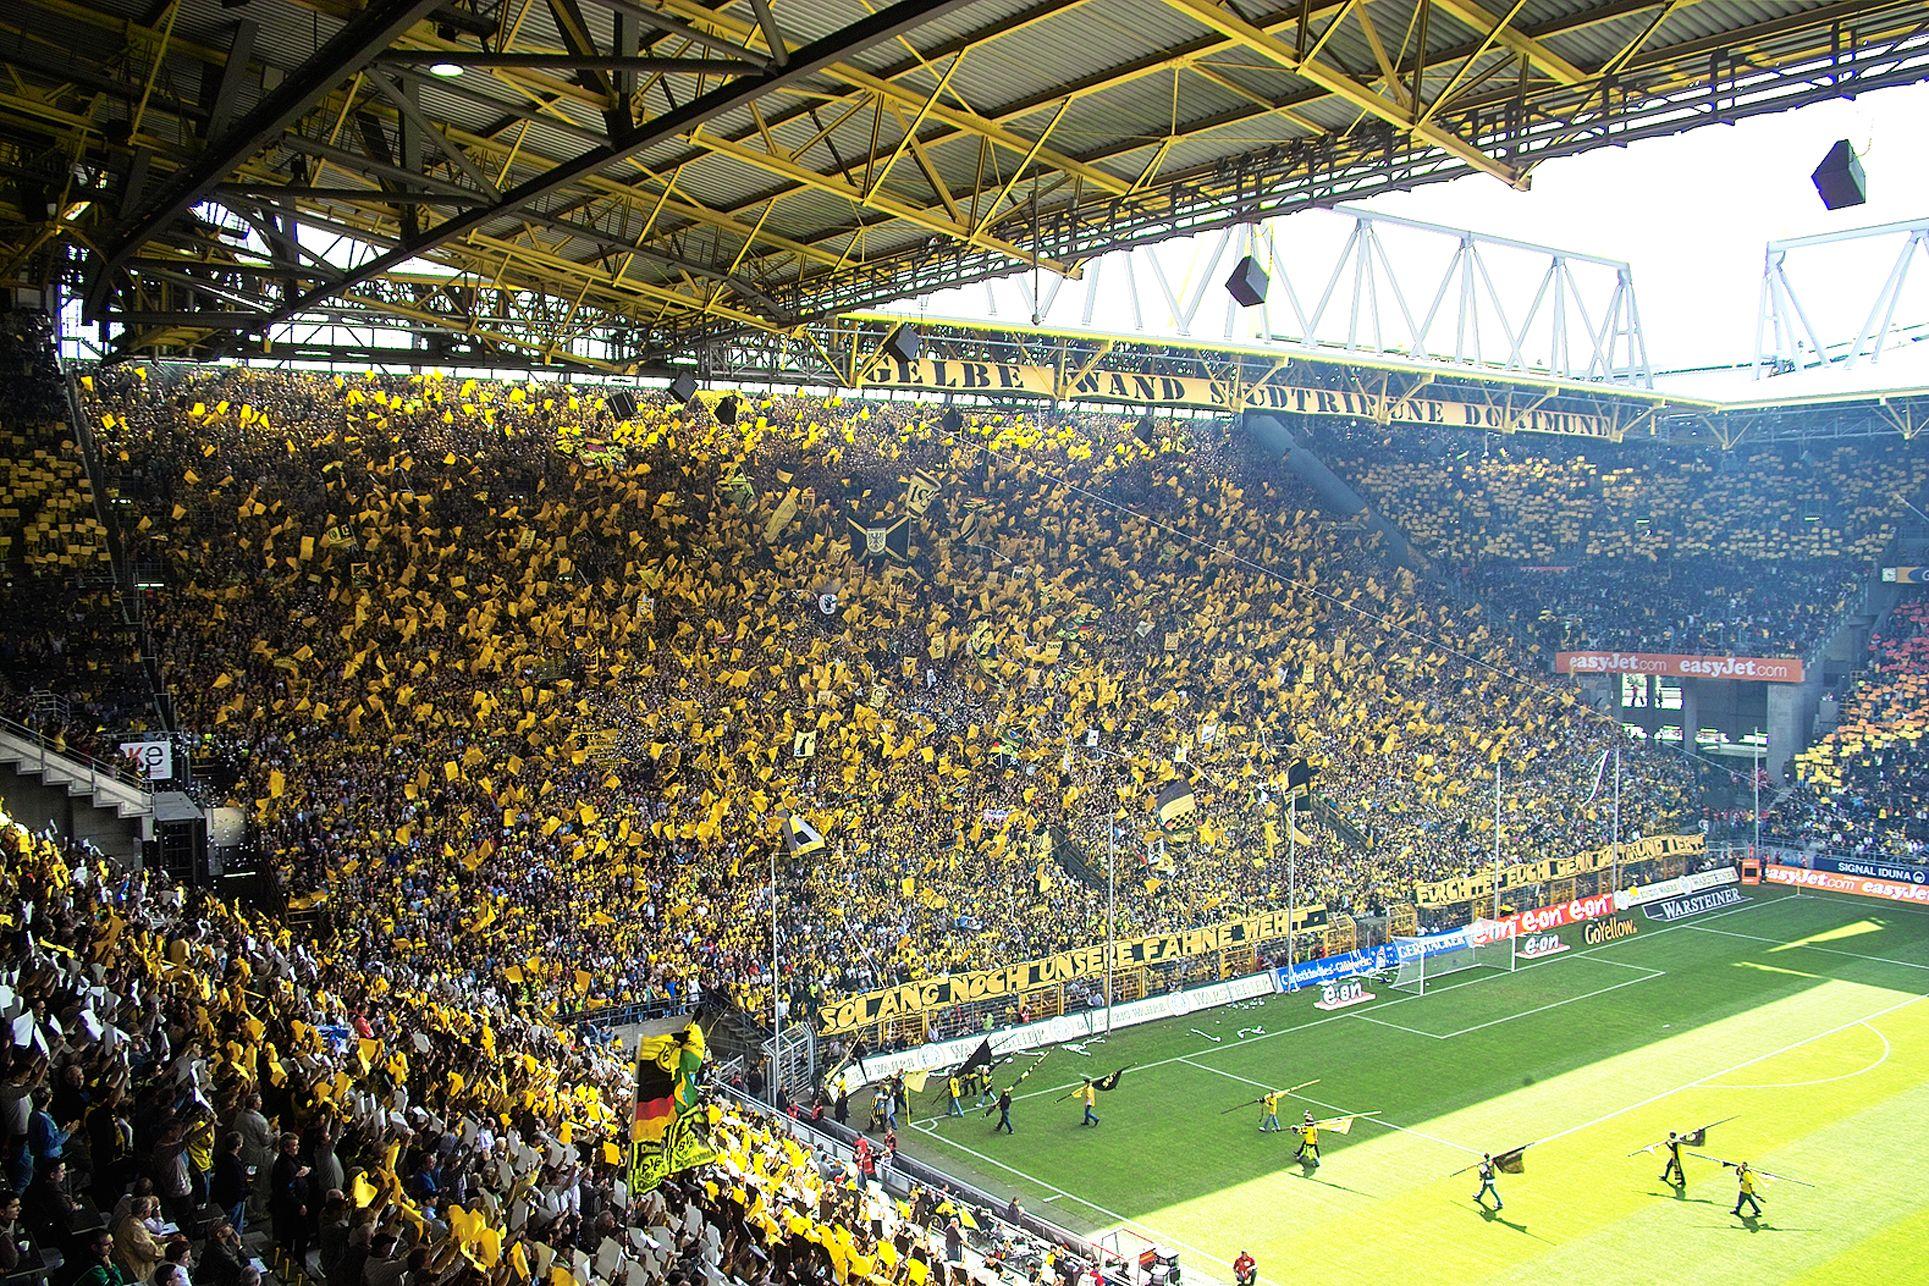 Die Thier Galerie Fiebert Wie Immer Mit Schaut Mal Vorbei Thiergalerie Dortmund Thiergaleriedortmund Bvb09 Football Stadiums Ultras Football Soccer Club